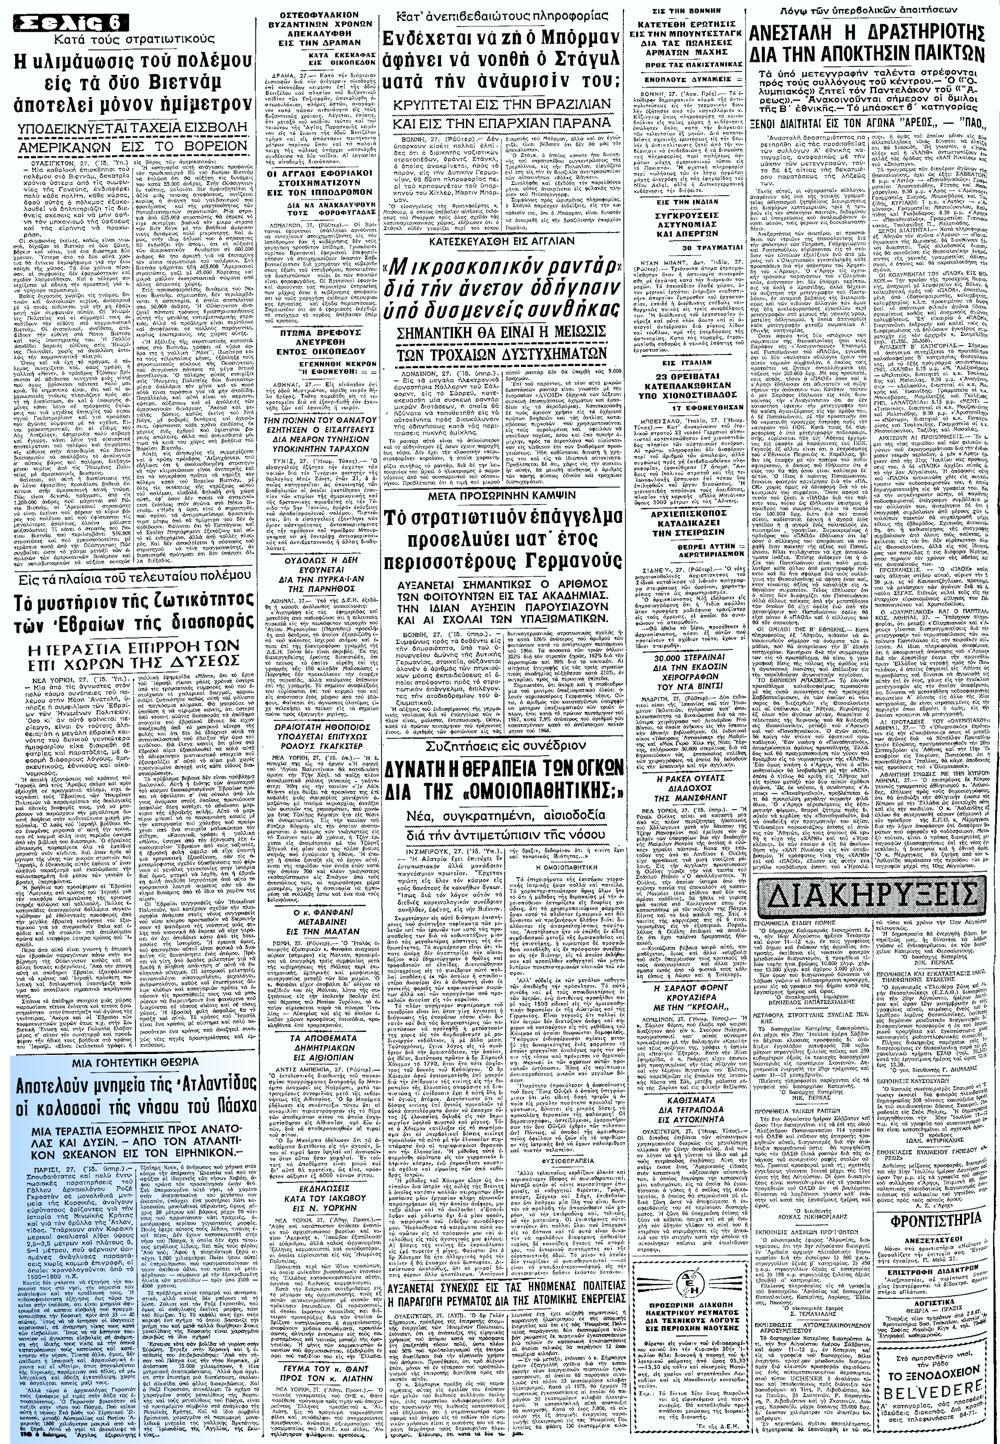 """Το άρθρο, όπως δημοσιεύθηκε στην εφημερίδα """"ΜΑΚΕΔΟΝΙΑ"""", στις 28/07/1967"""